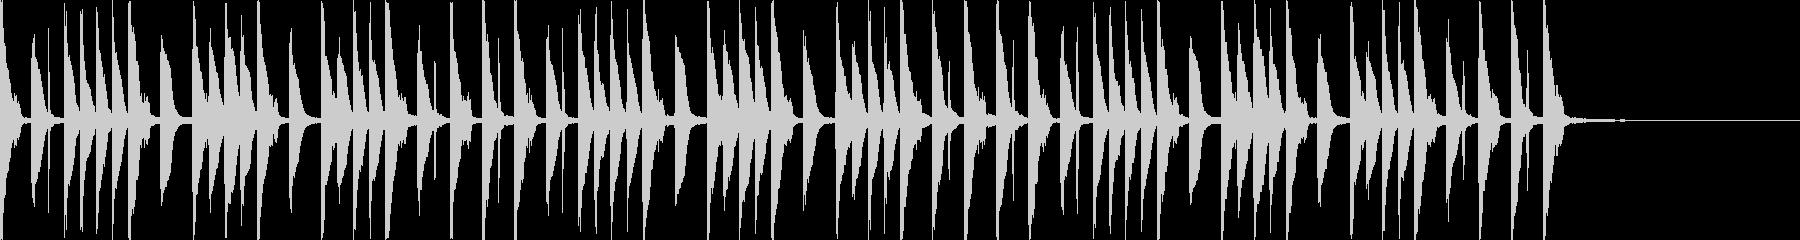 間違い探し 謎解き シンキングタイム の未再生の波形